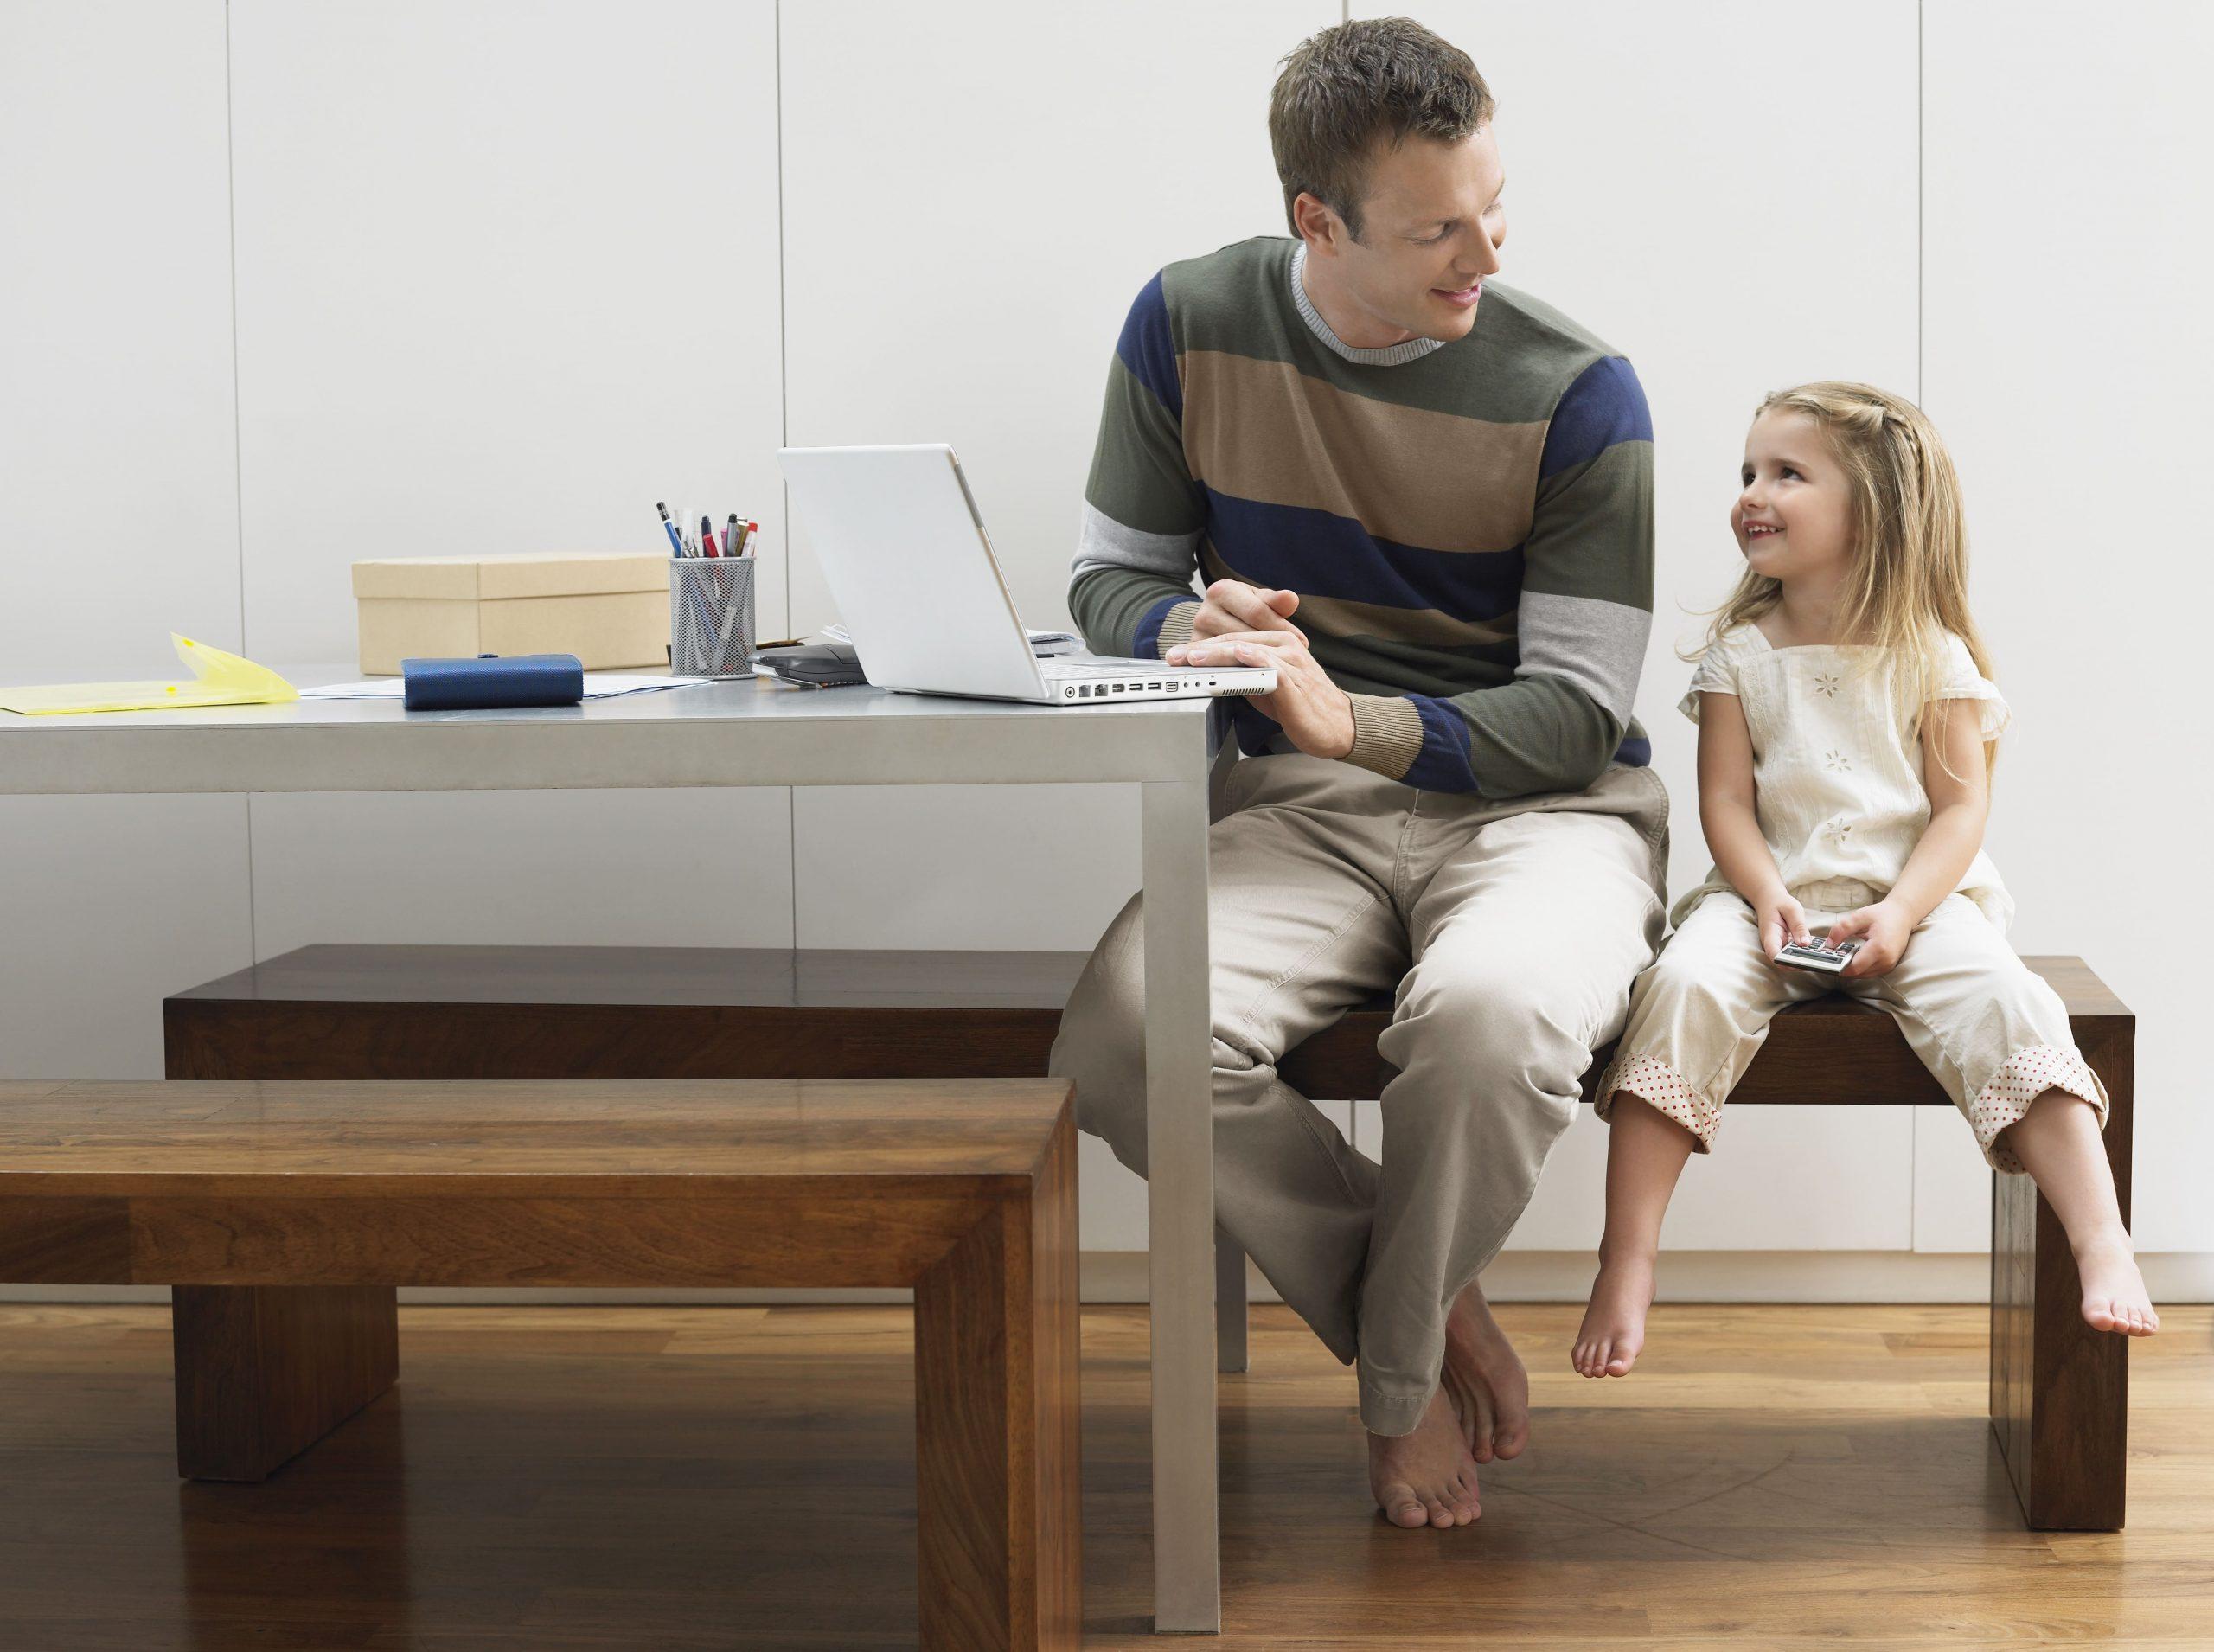 איך לעצב חדר ילדים בהתאמה אישית